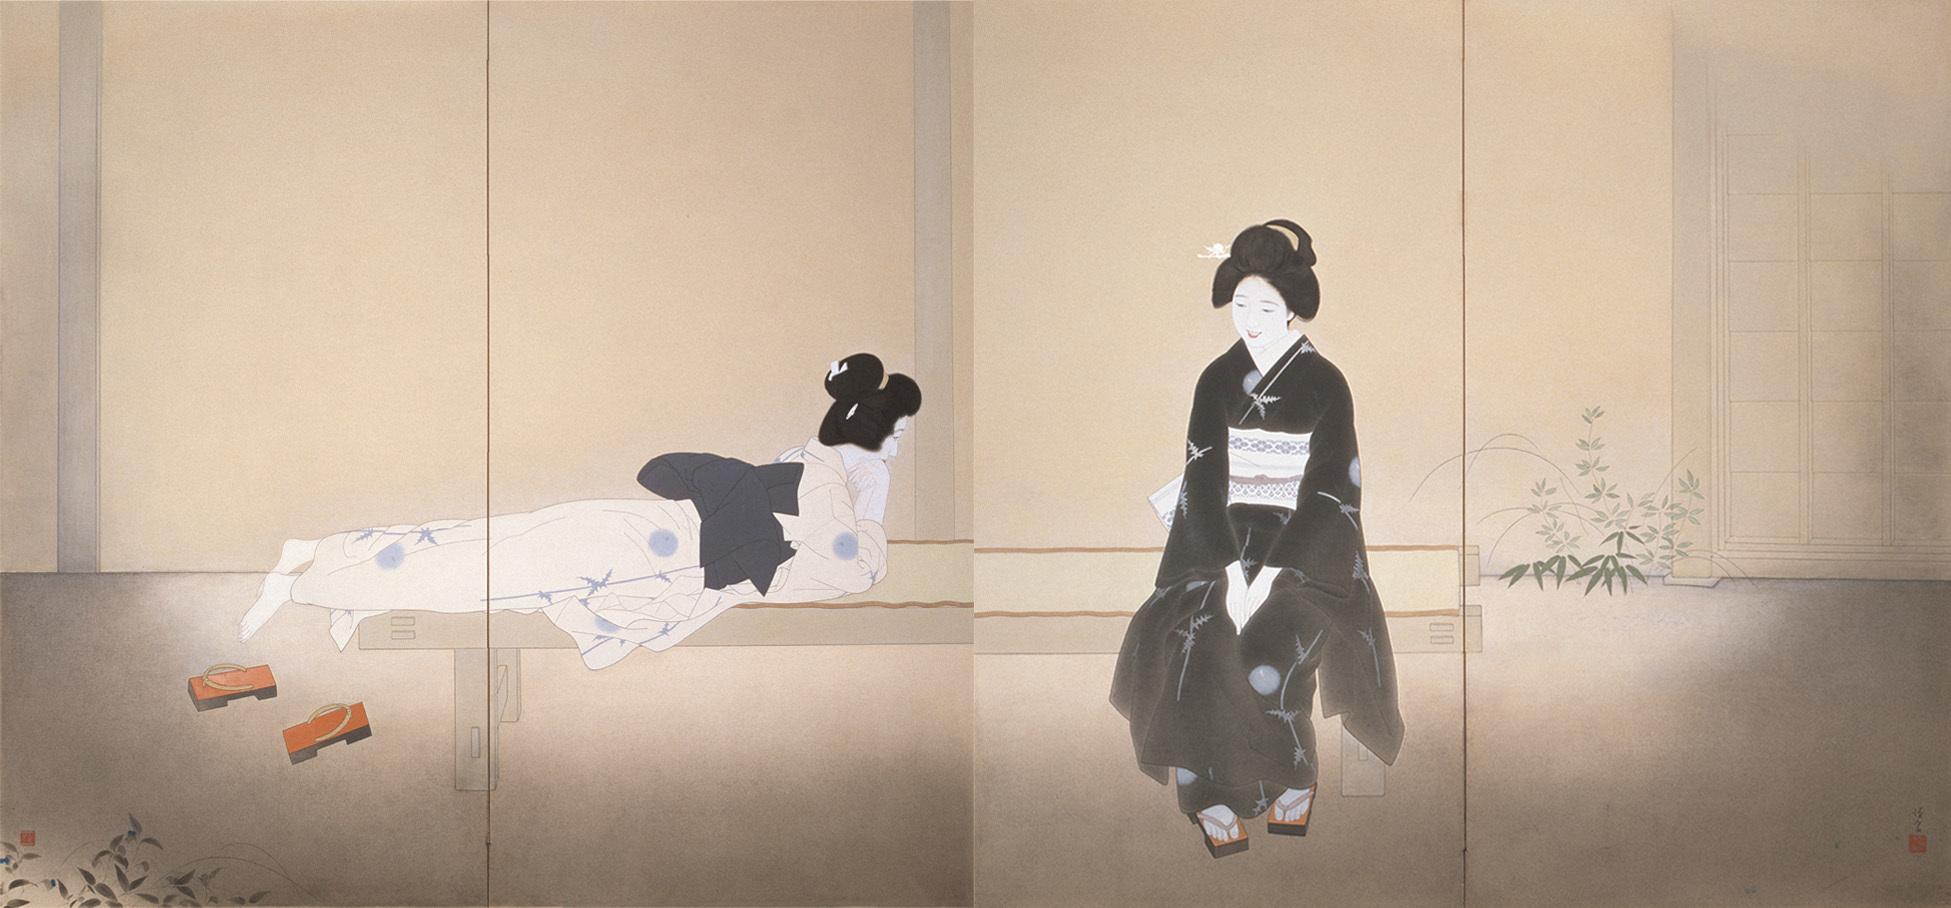 北野恒富《いとさんこいさん》昭和11年(1936) 京都市美術館